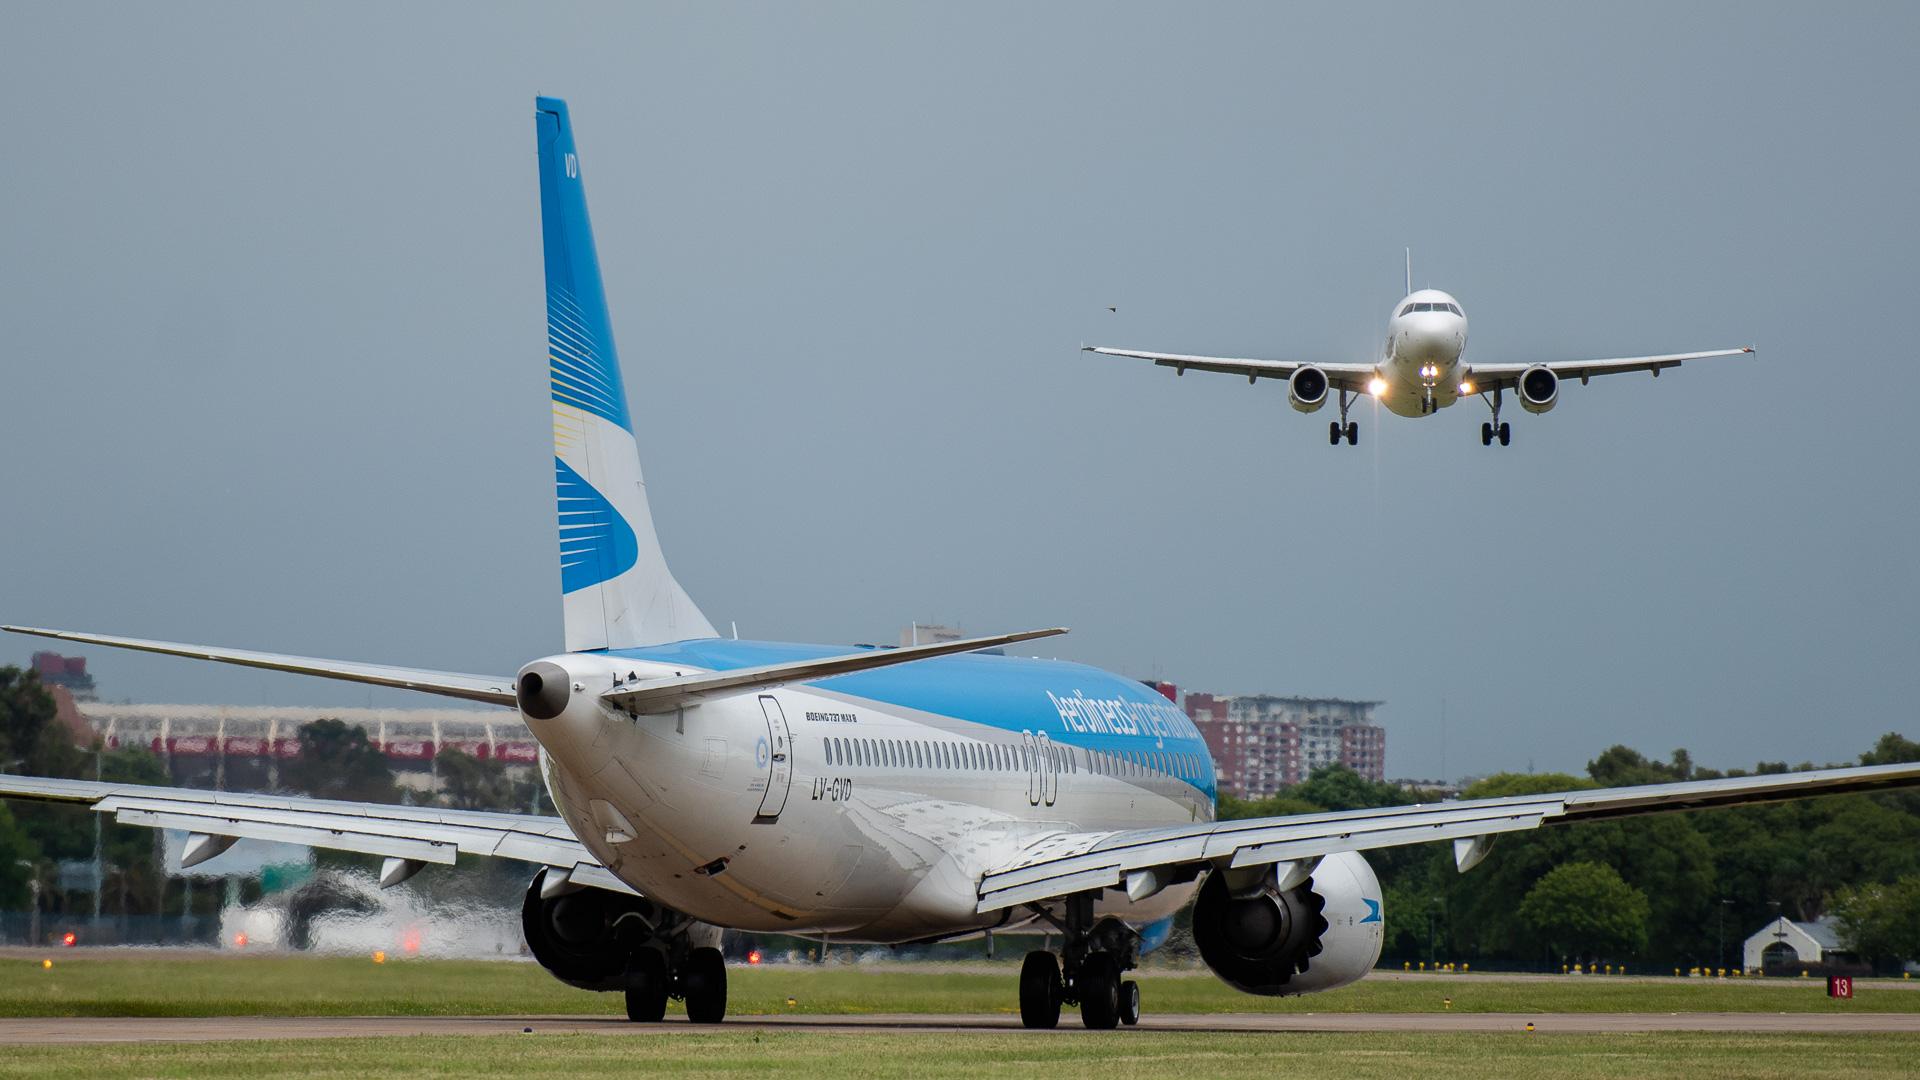 La cancelación de estos dos vuelos afecta a 300 pasajeros (foto de aarchivo: Adrián Escandar)